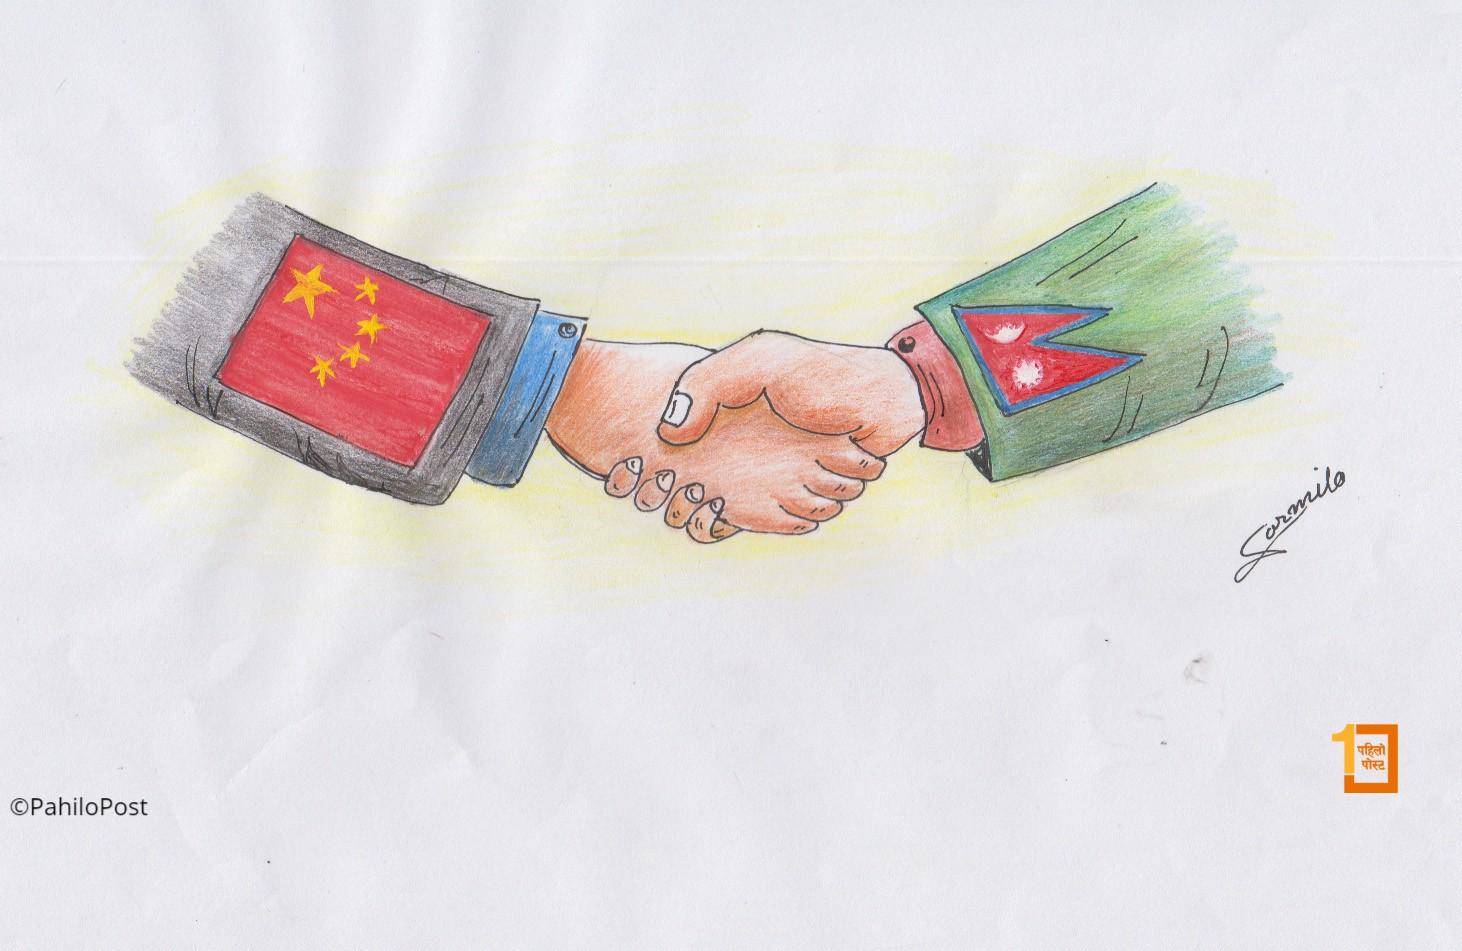 नेपाल–चीनबीच ऊर्जा संयन्त्रको बैठक सुरूः यी हुन् छलफलका विषय